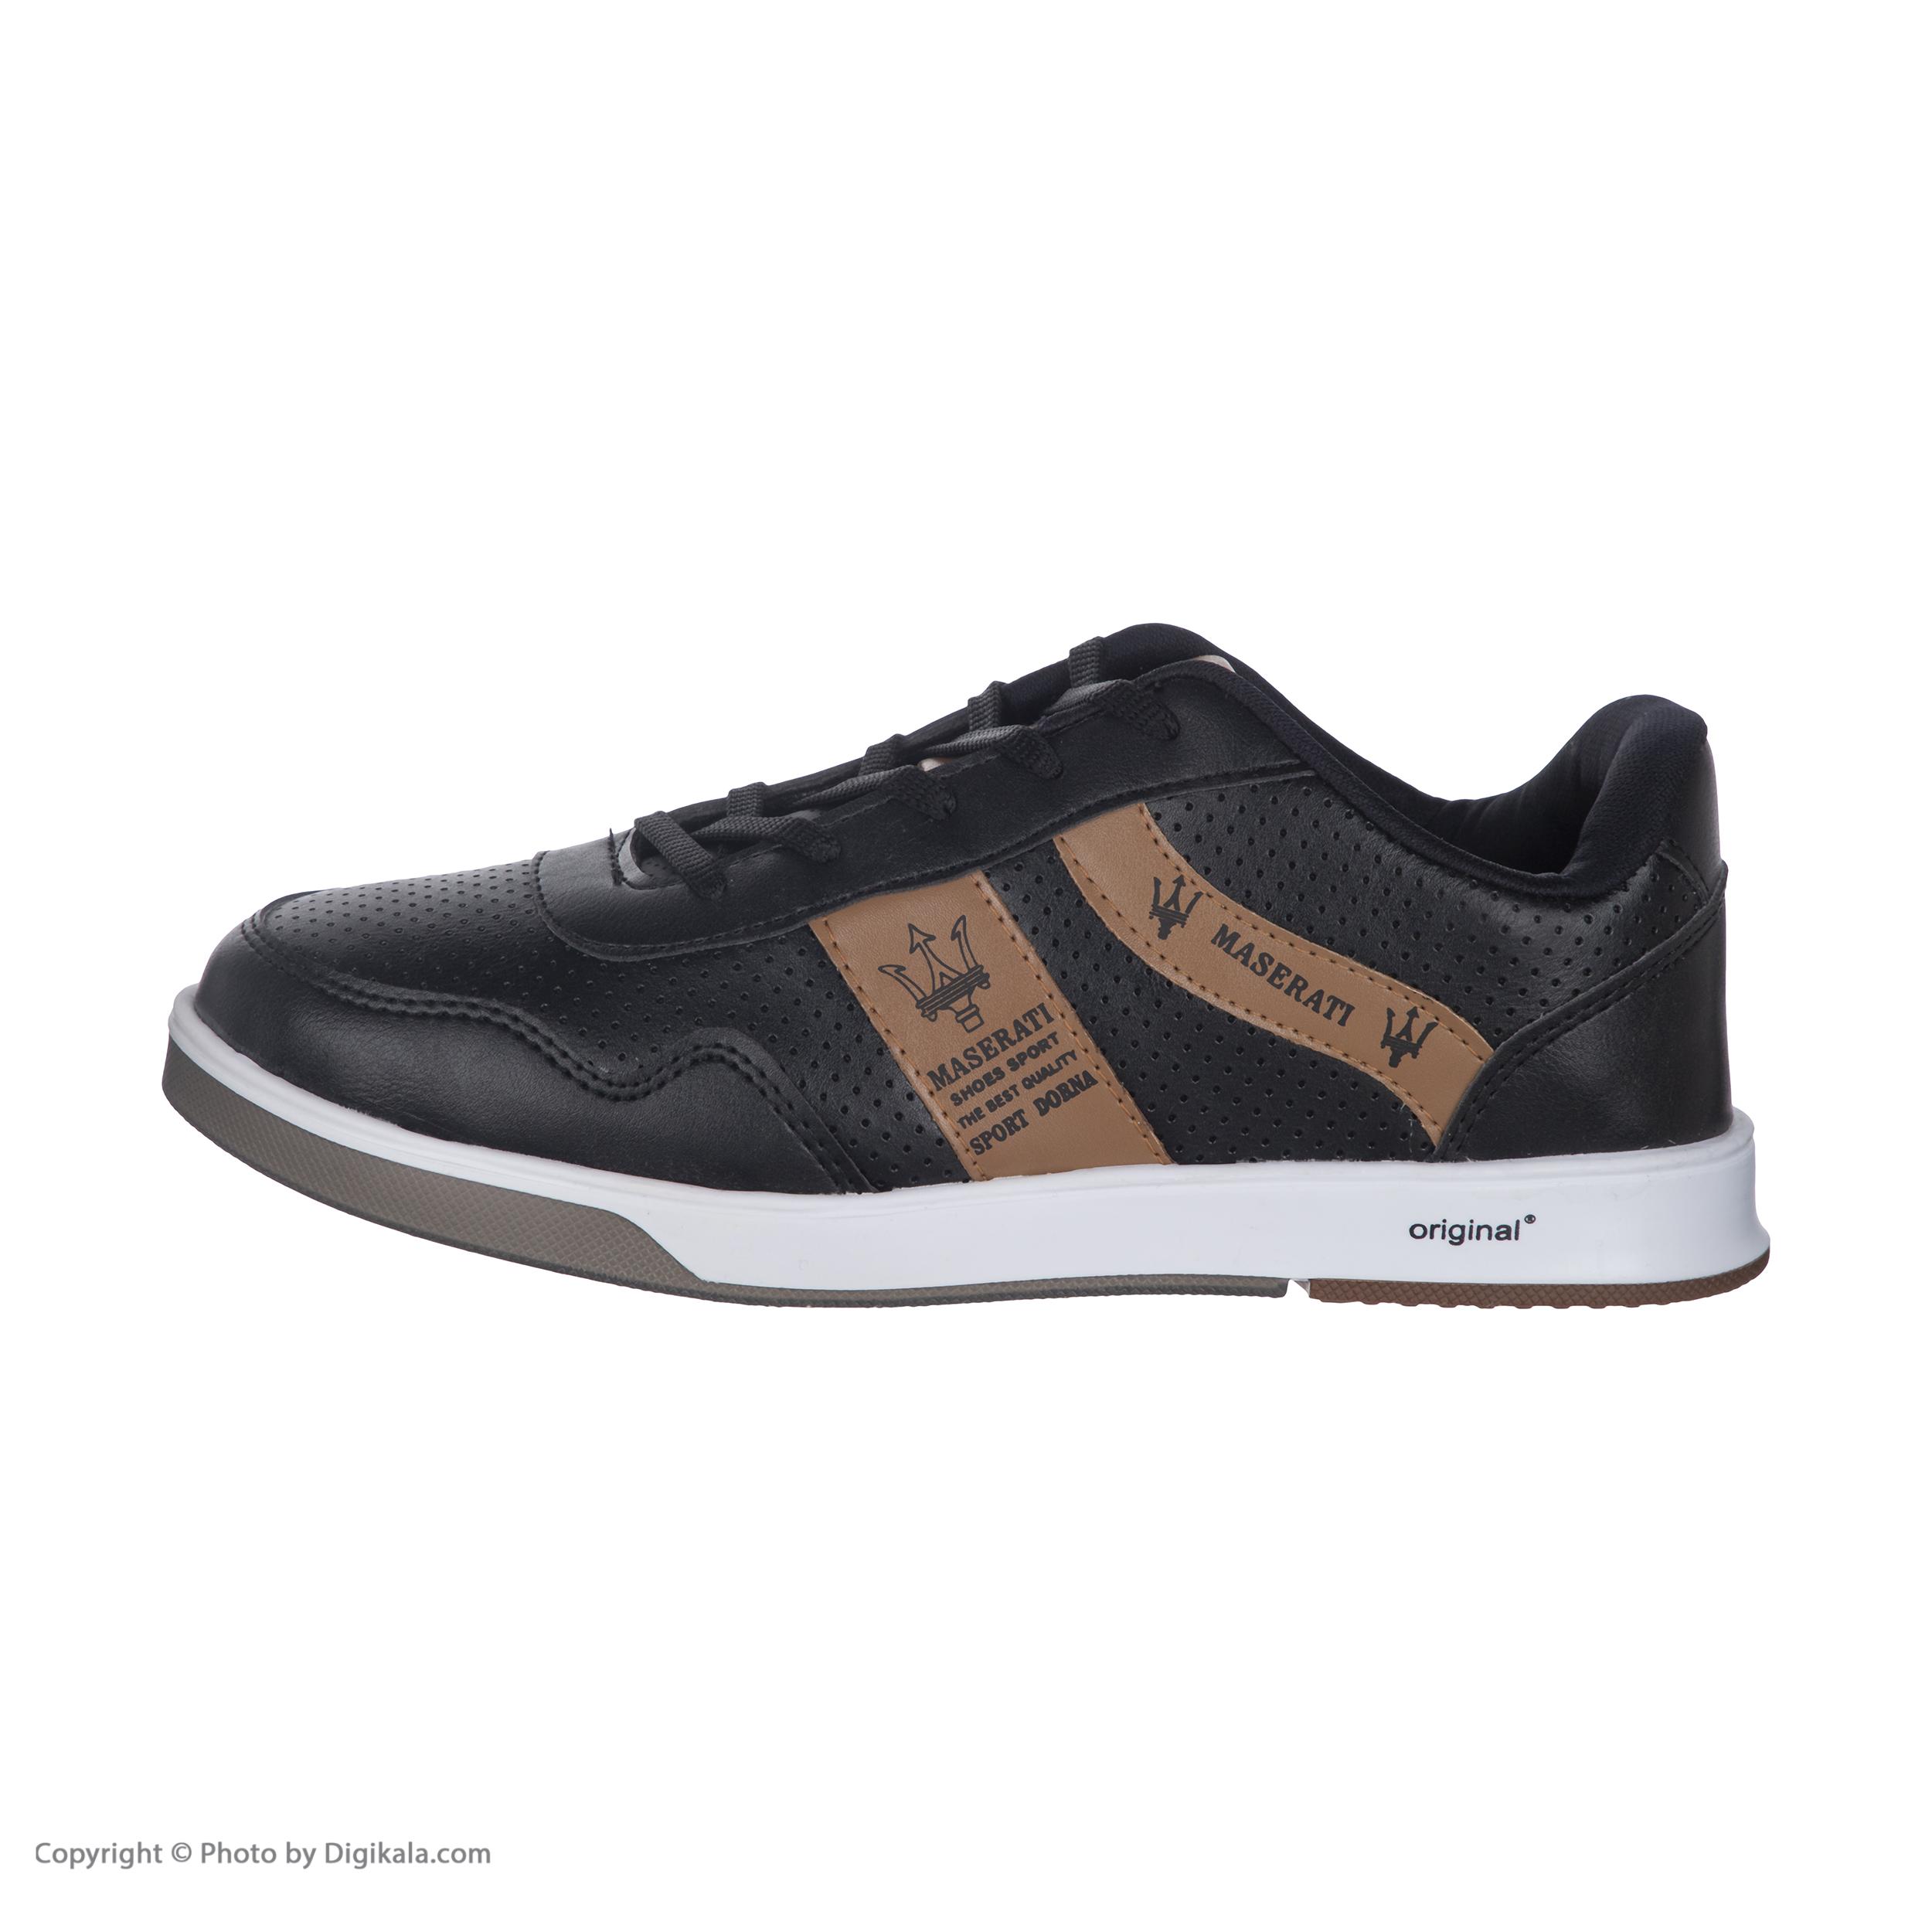 خرید اینترنتی کفش مخصوص پیاده روی مردانه مدل K.bs.148 اورجینال